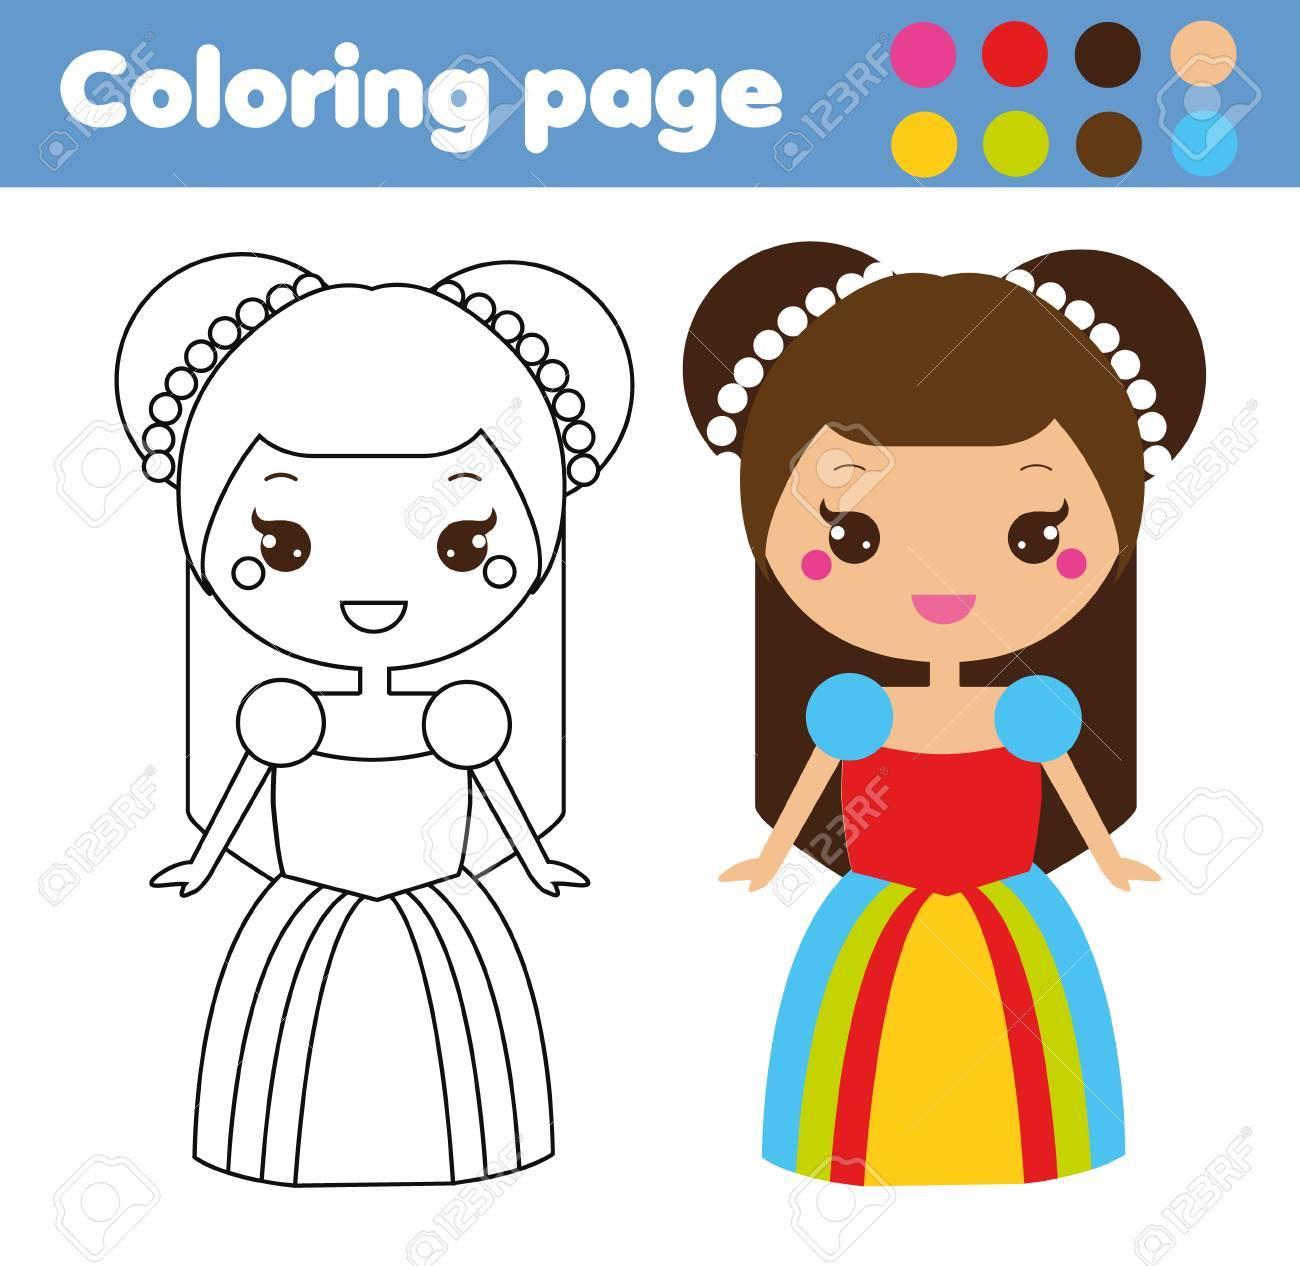 Pagina Para Colorear Con Linda Princesa En Estilo Kawaii Colorea